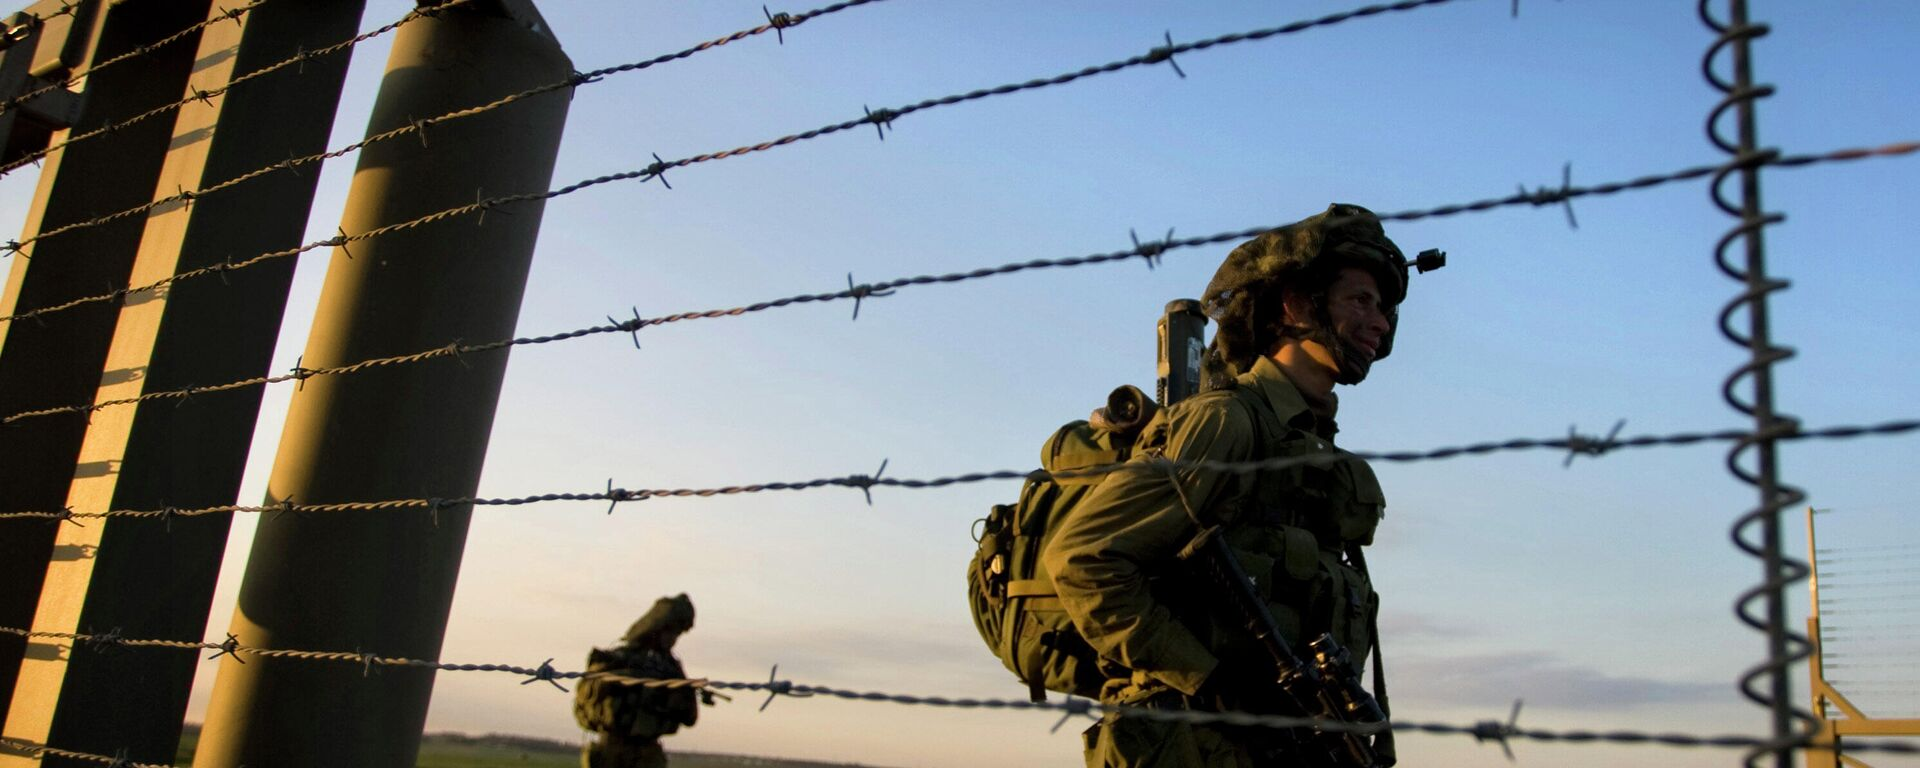 Израильские пехотные солдаты входят в сектор Газа из Израиля с боевым заданием, архивное фото - Sputnik Тоҷикистон, 1920, 09.07.2021